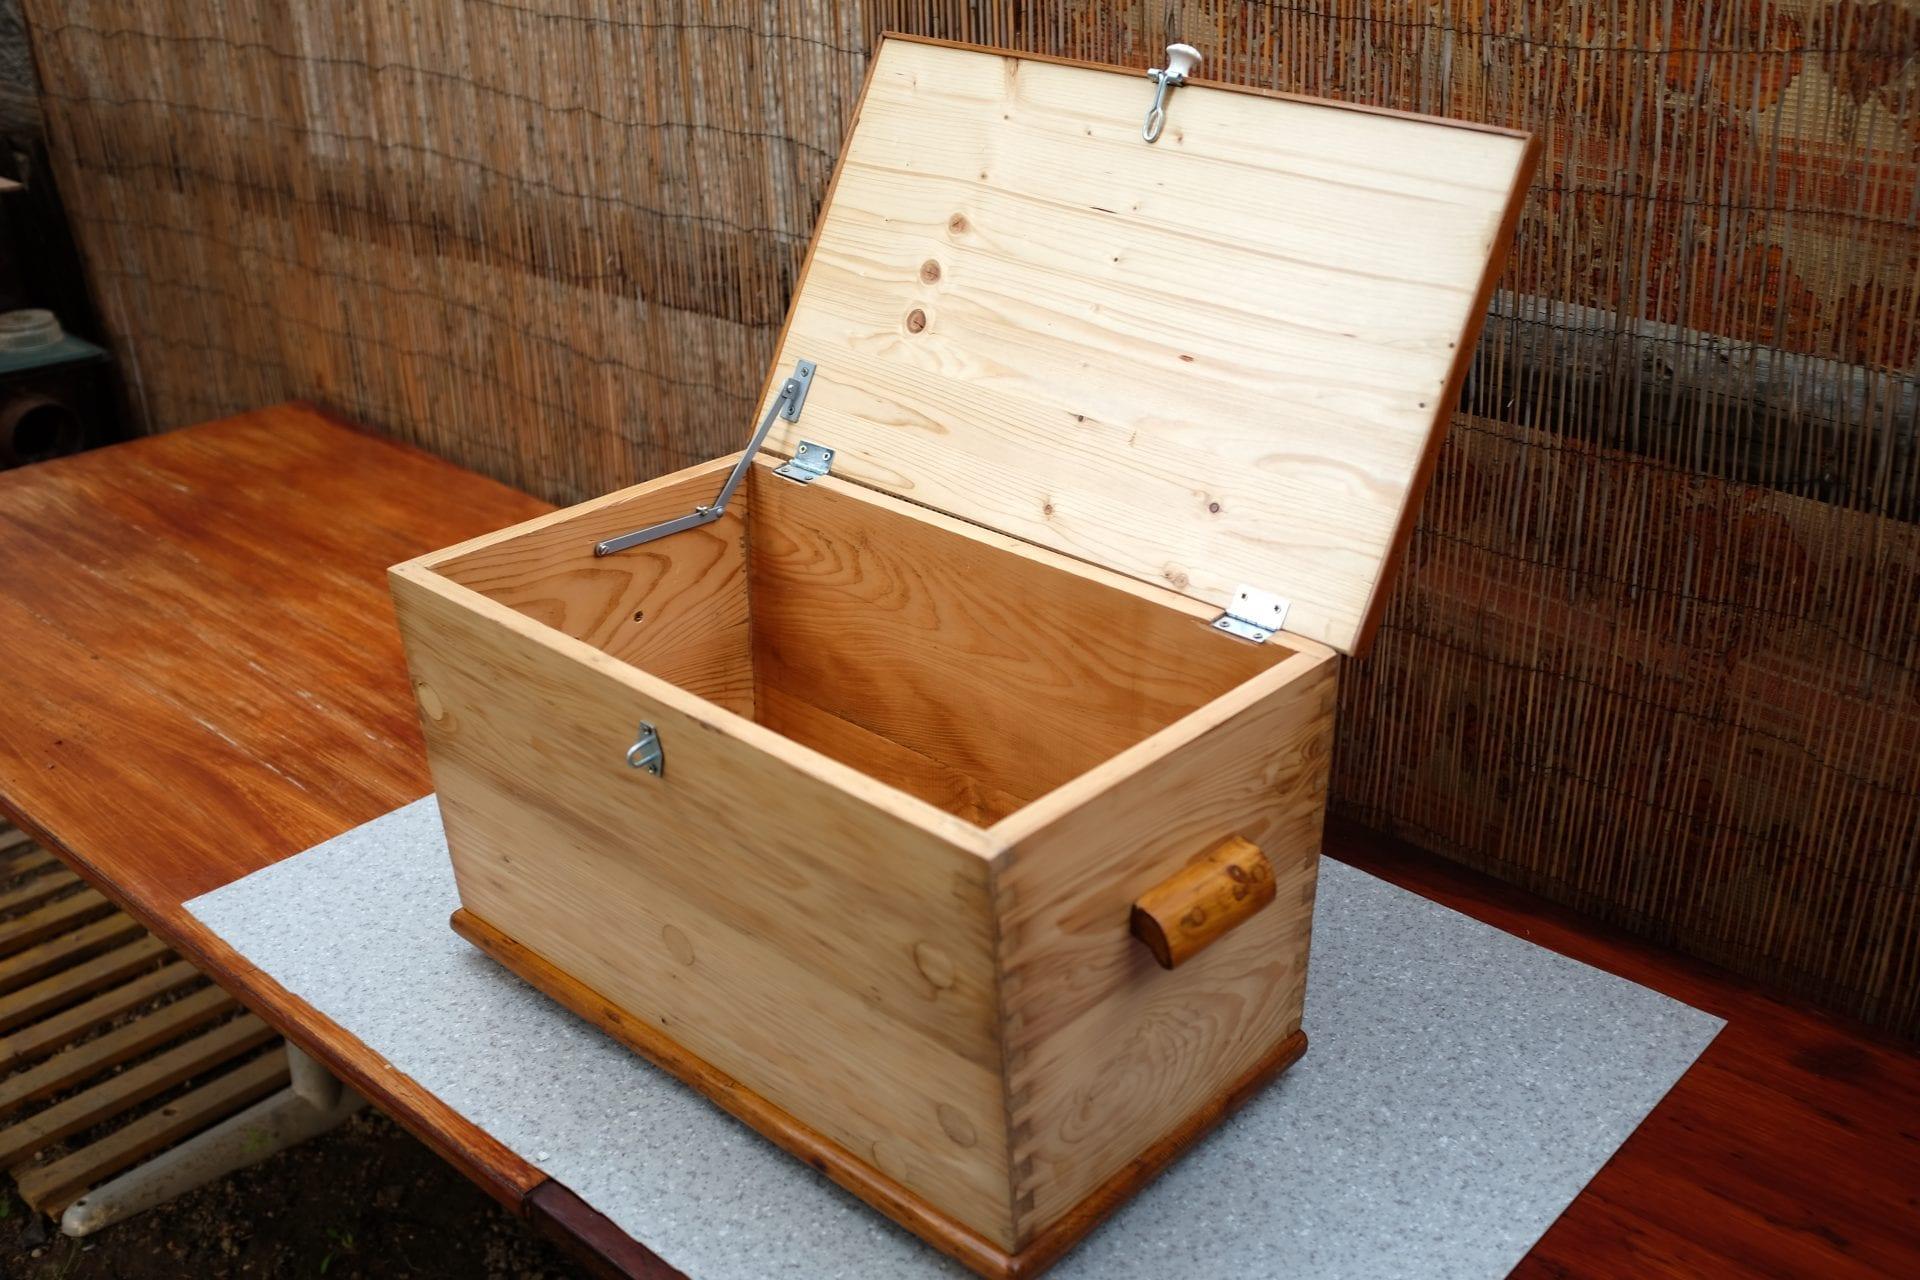 truhlica-drevo-handmade-kovanie